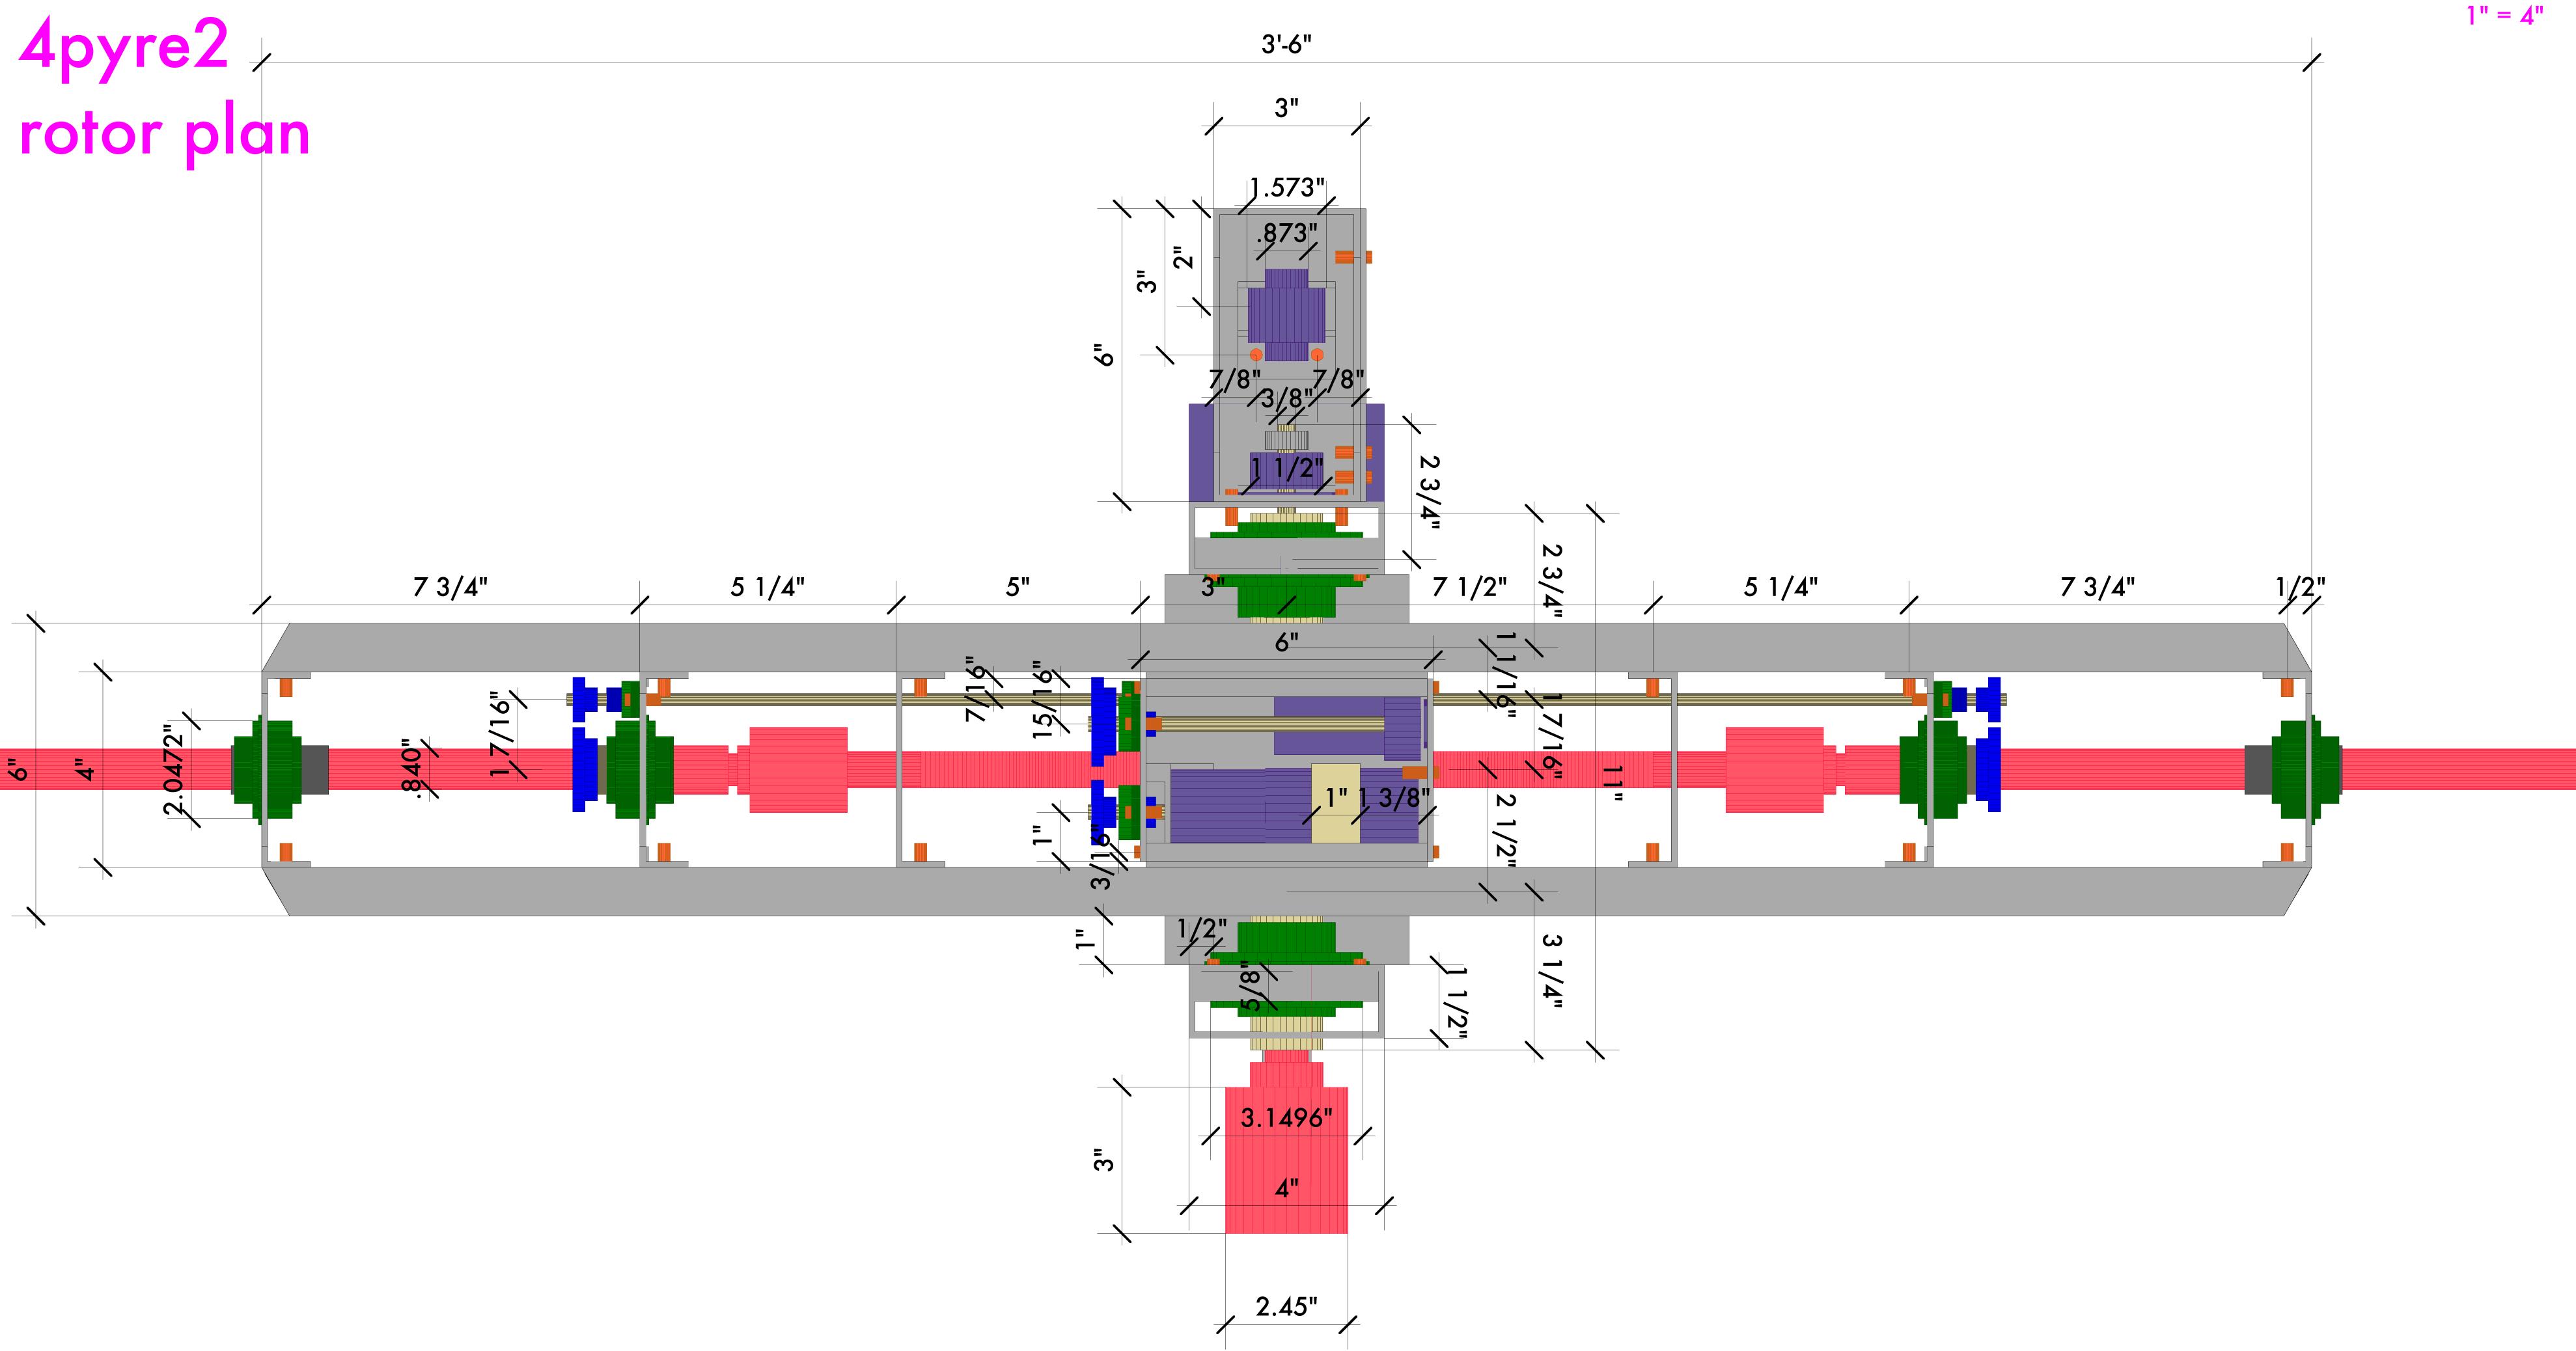 rotor plan.png